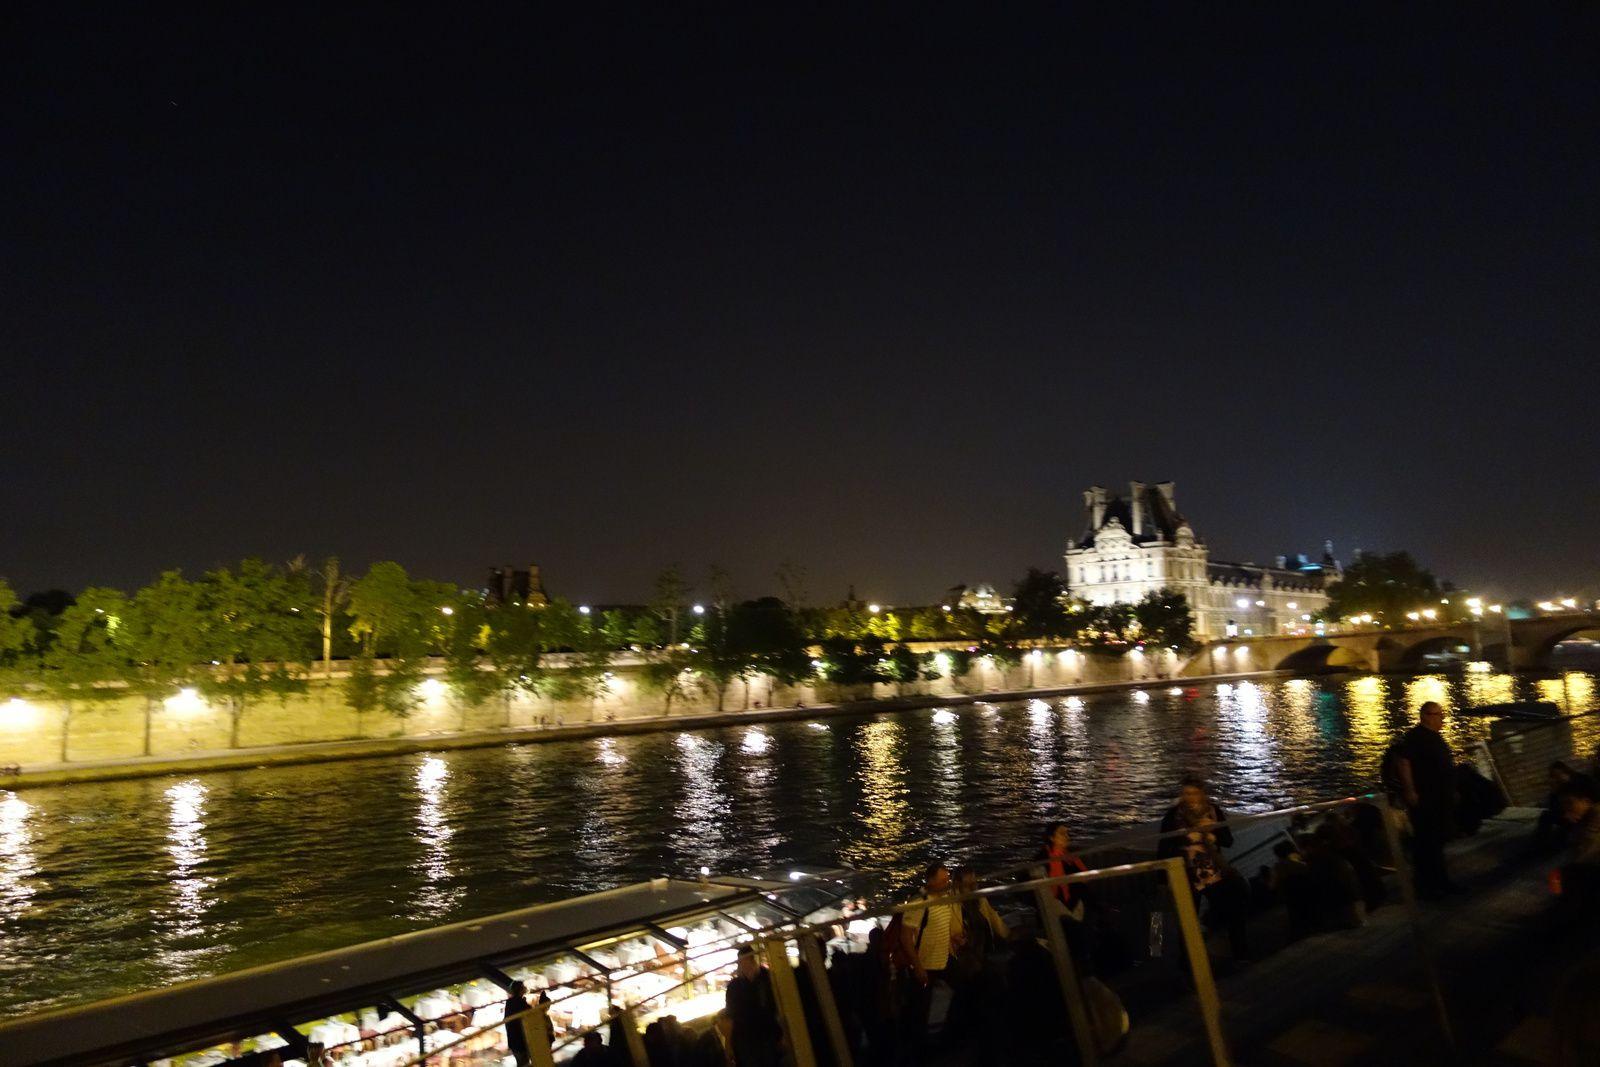 Reflets des lumières dans la Seine, le jardin des Tuileries en face, au fond le Louvre